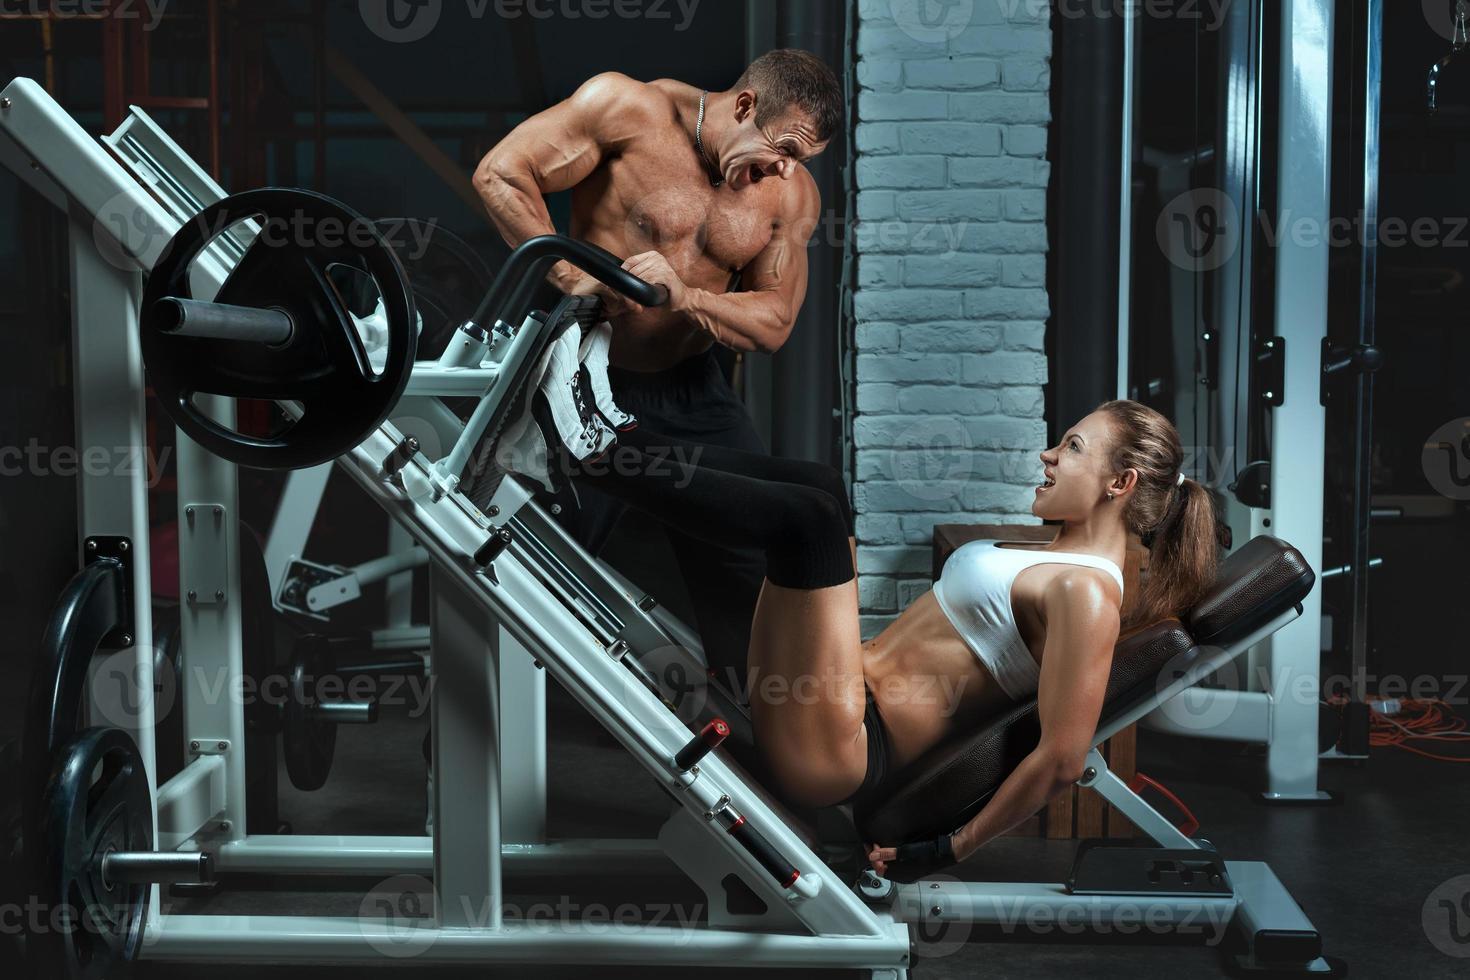 Mann Bodybuilder trainiert die eine Frau. foto